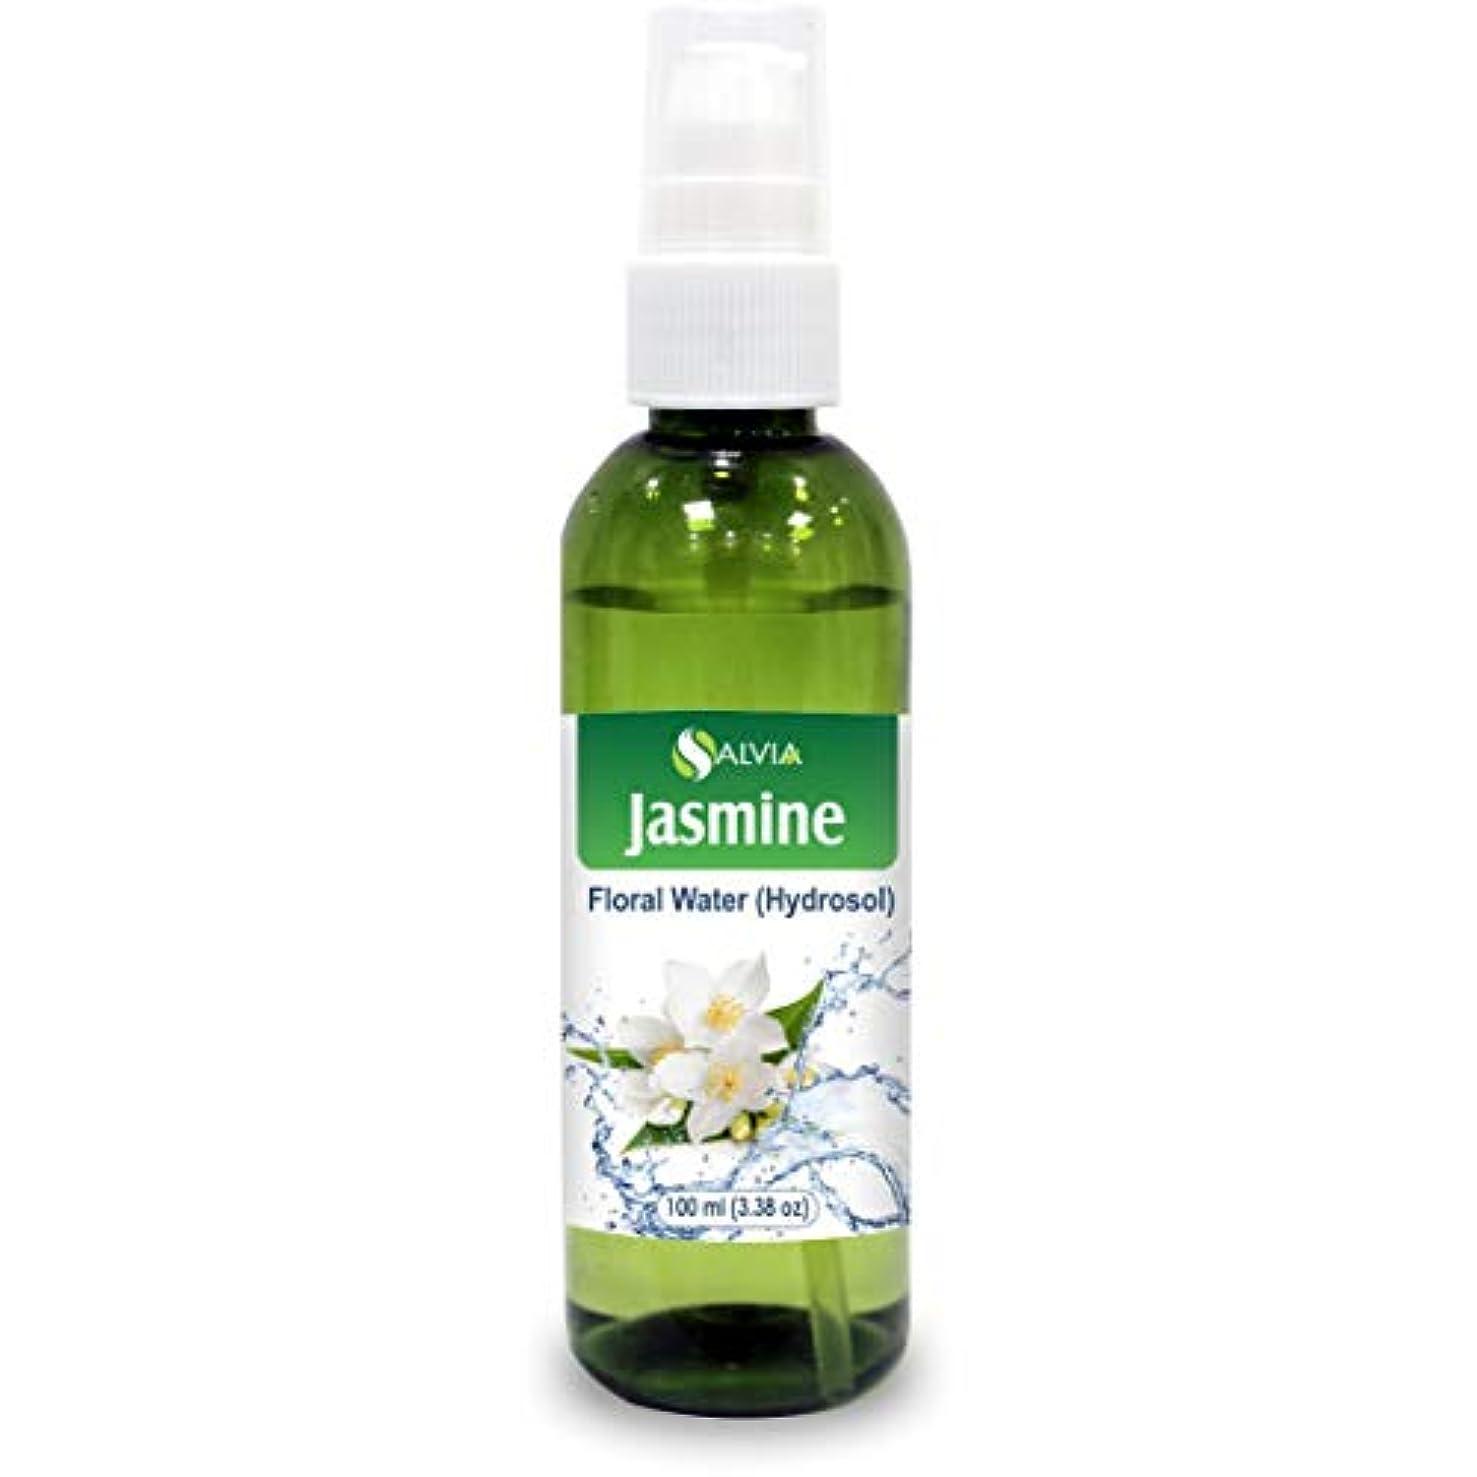 経由で荒らす登録Jasmine Floral Water 100ml (Hydrosol) 100% Pure And Natural